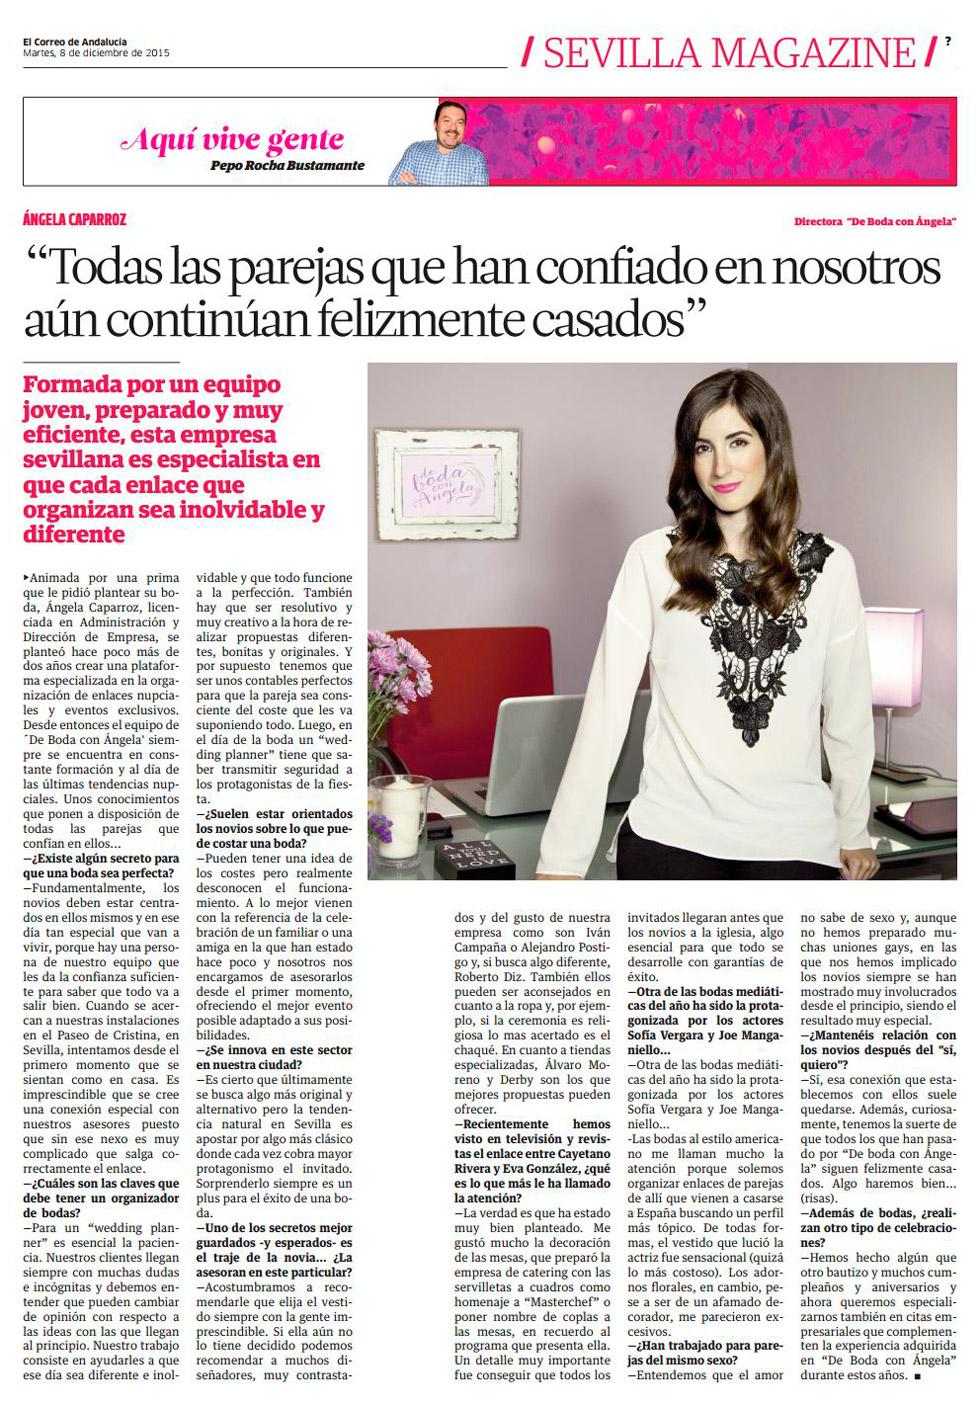 De Boda con Ángela entrevistada por el magazine de El Correo de Andalucía